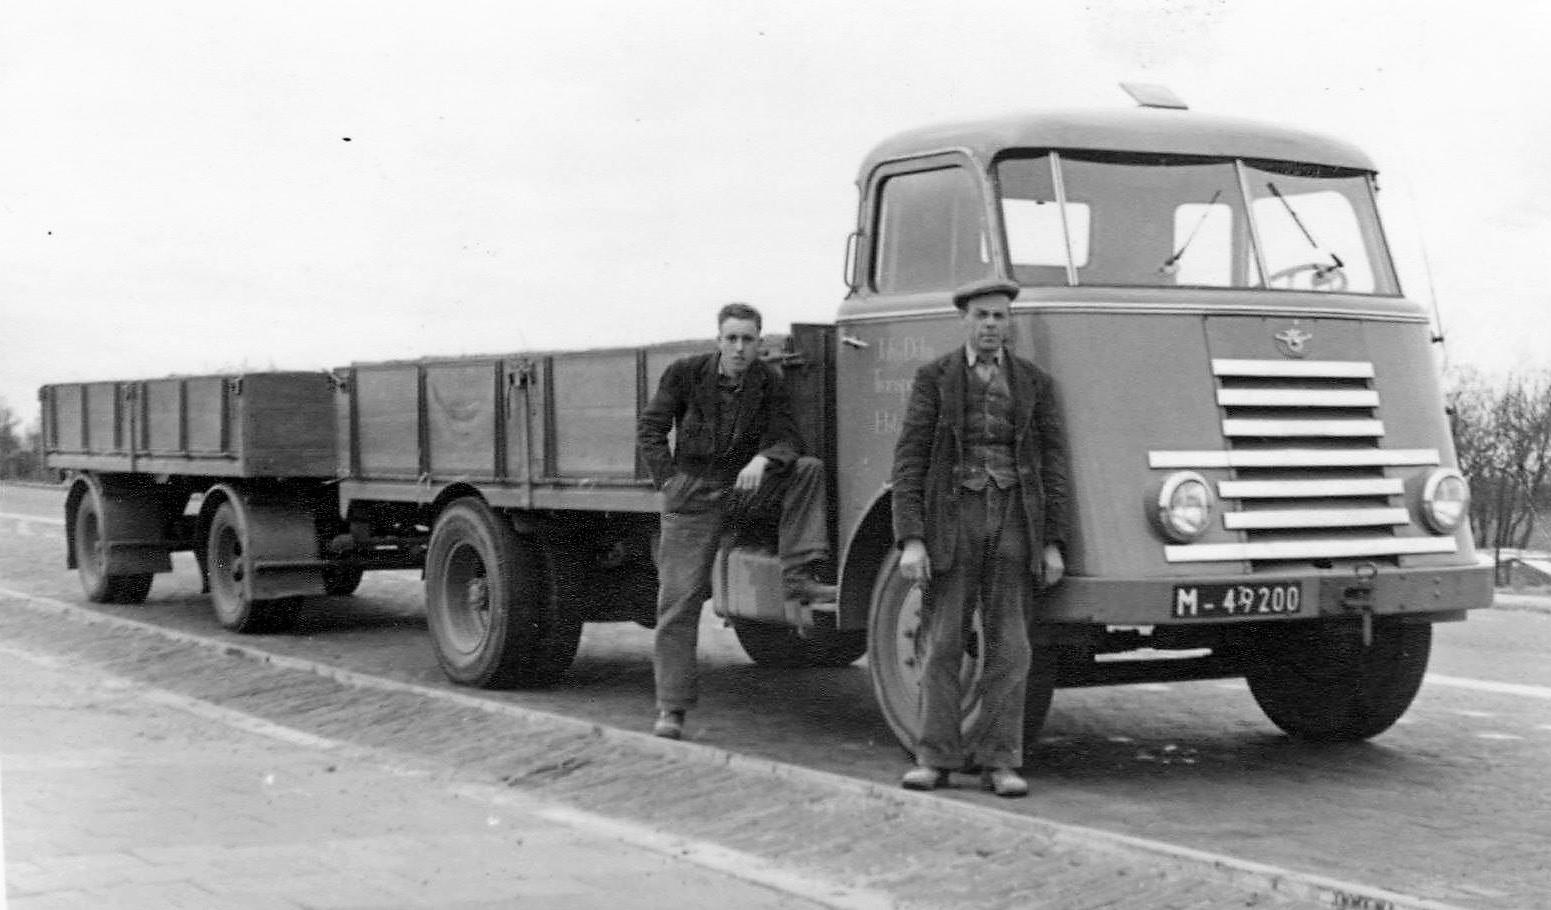 Links-zoon-Frans-van-Dulm-en-rechts-zijn-vader-Johan-van-Dulm.-Een-van-de-eerste-vrachtwagen-combinatie-voor-het-stenentransport--Een-DAF-met-aanhanger--Laden-en-lossen-ging-toen-nog-all